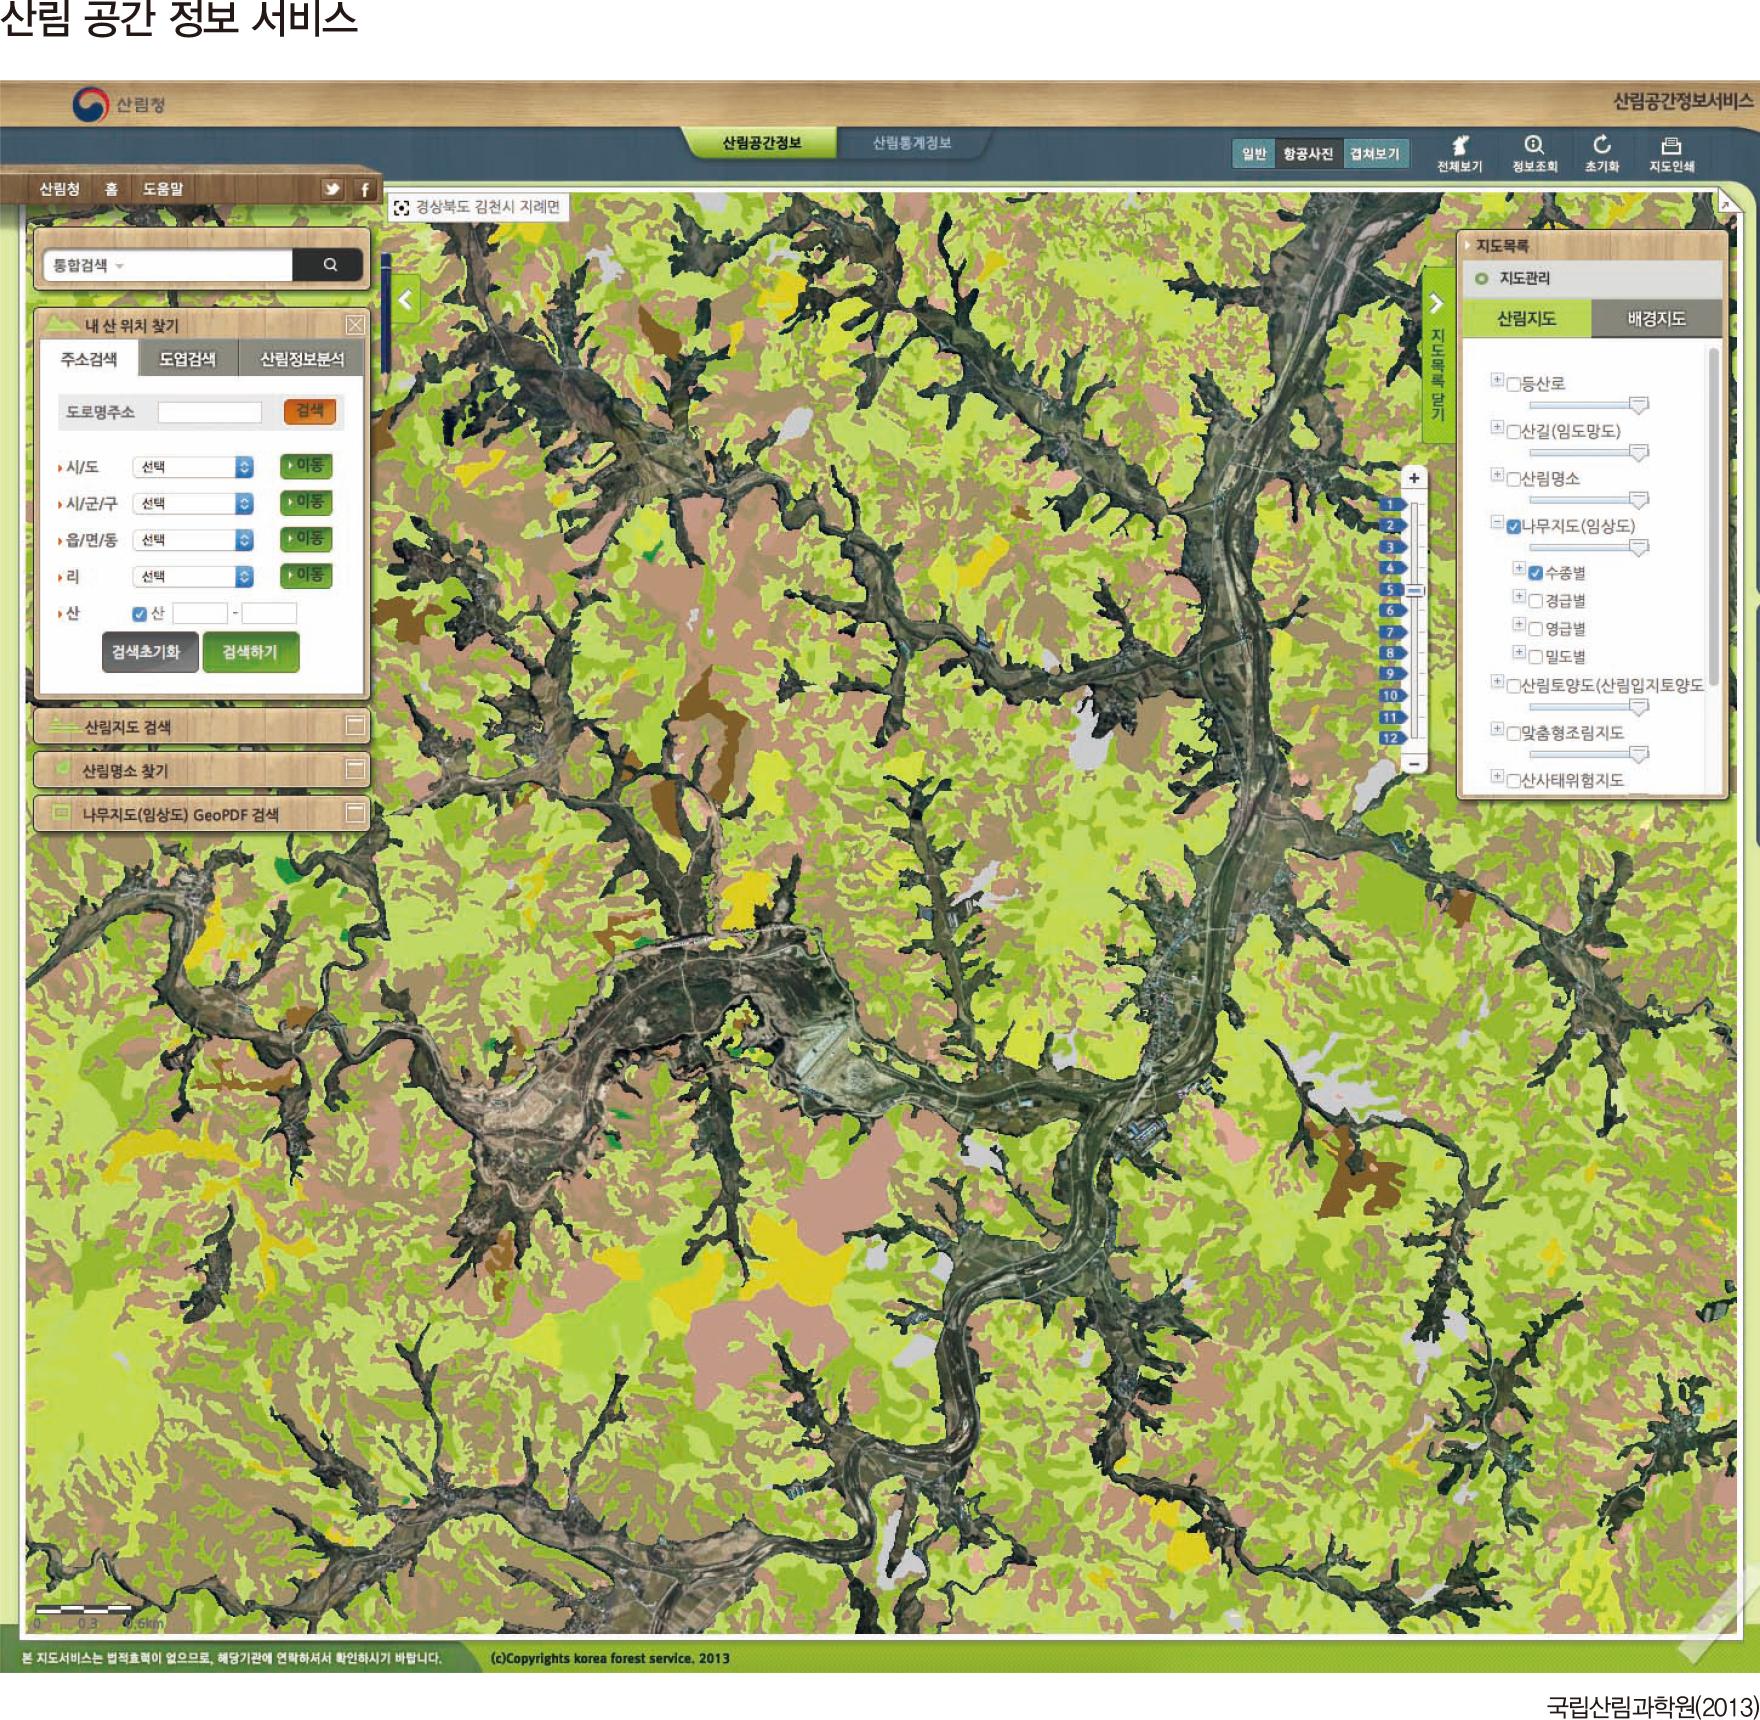 산림 공간 정보 서비스